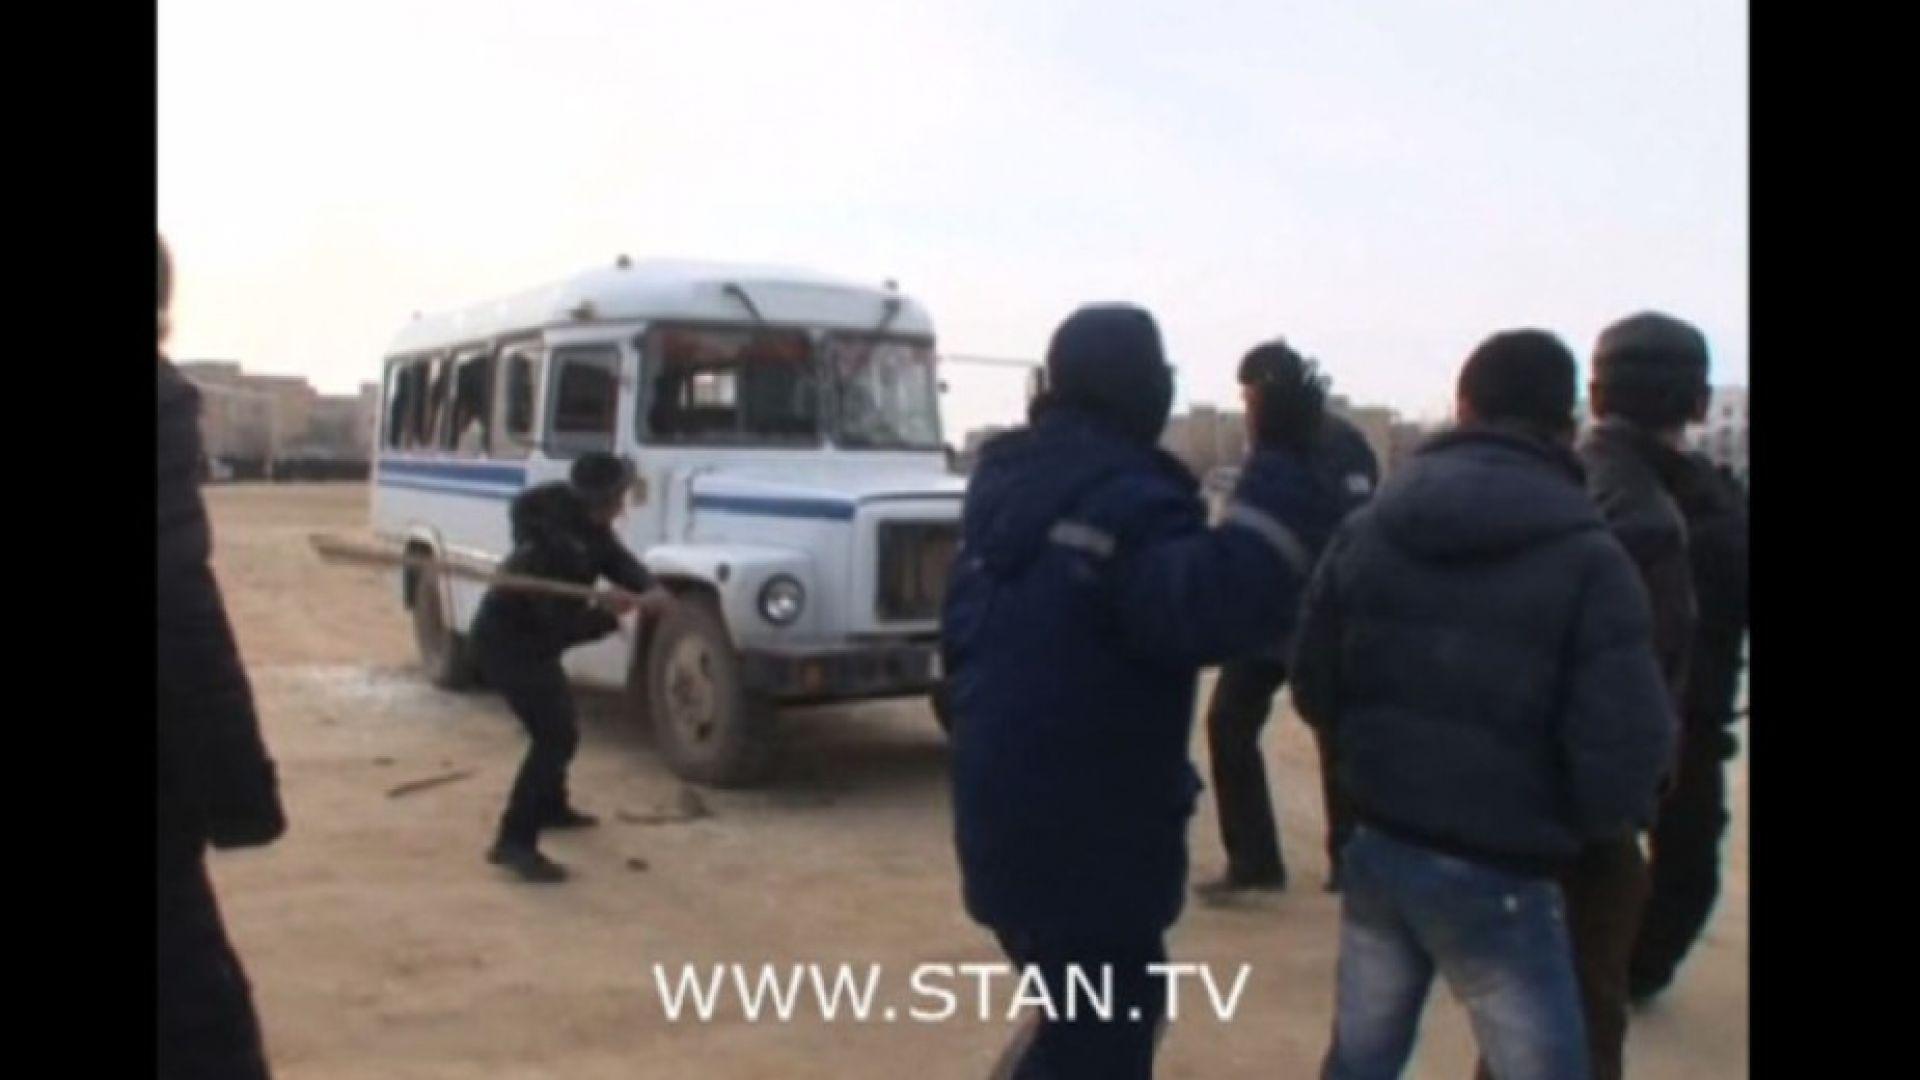 Етнически сблъсъци в Казахстан: 8 жертви и над 40 ранени при масов бой и погроми (видео)